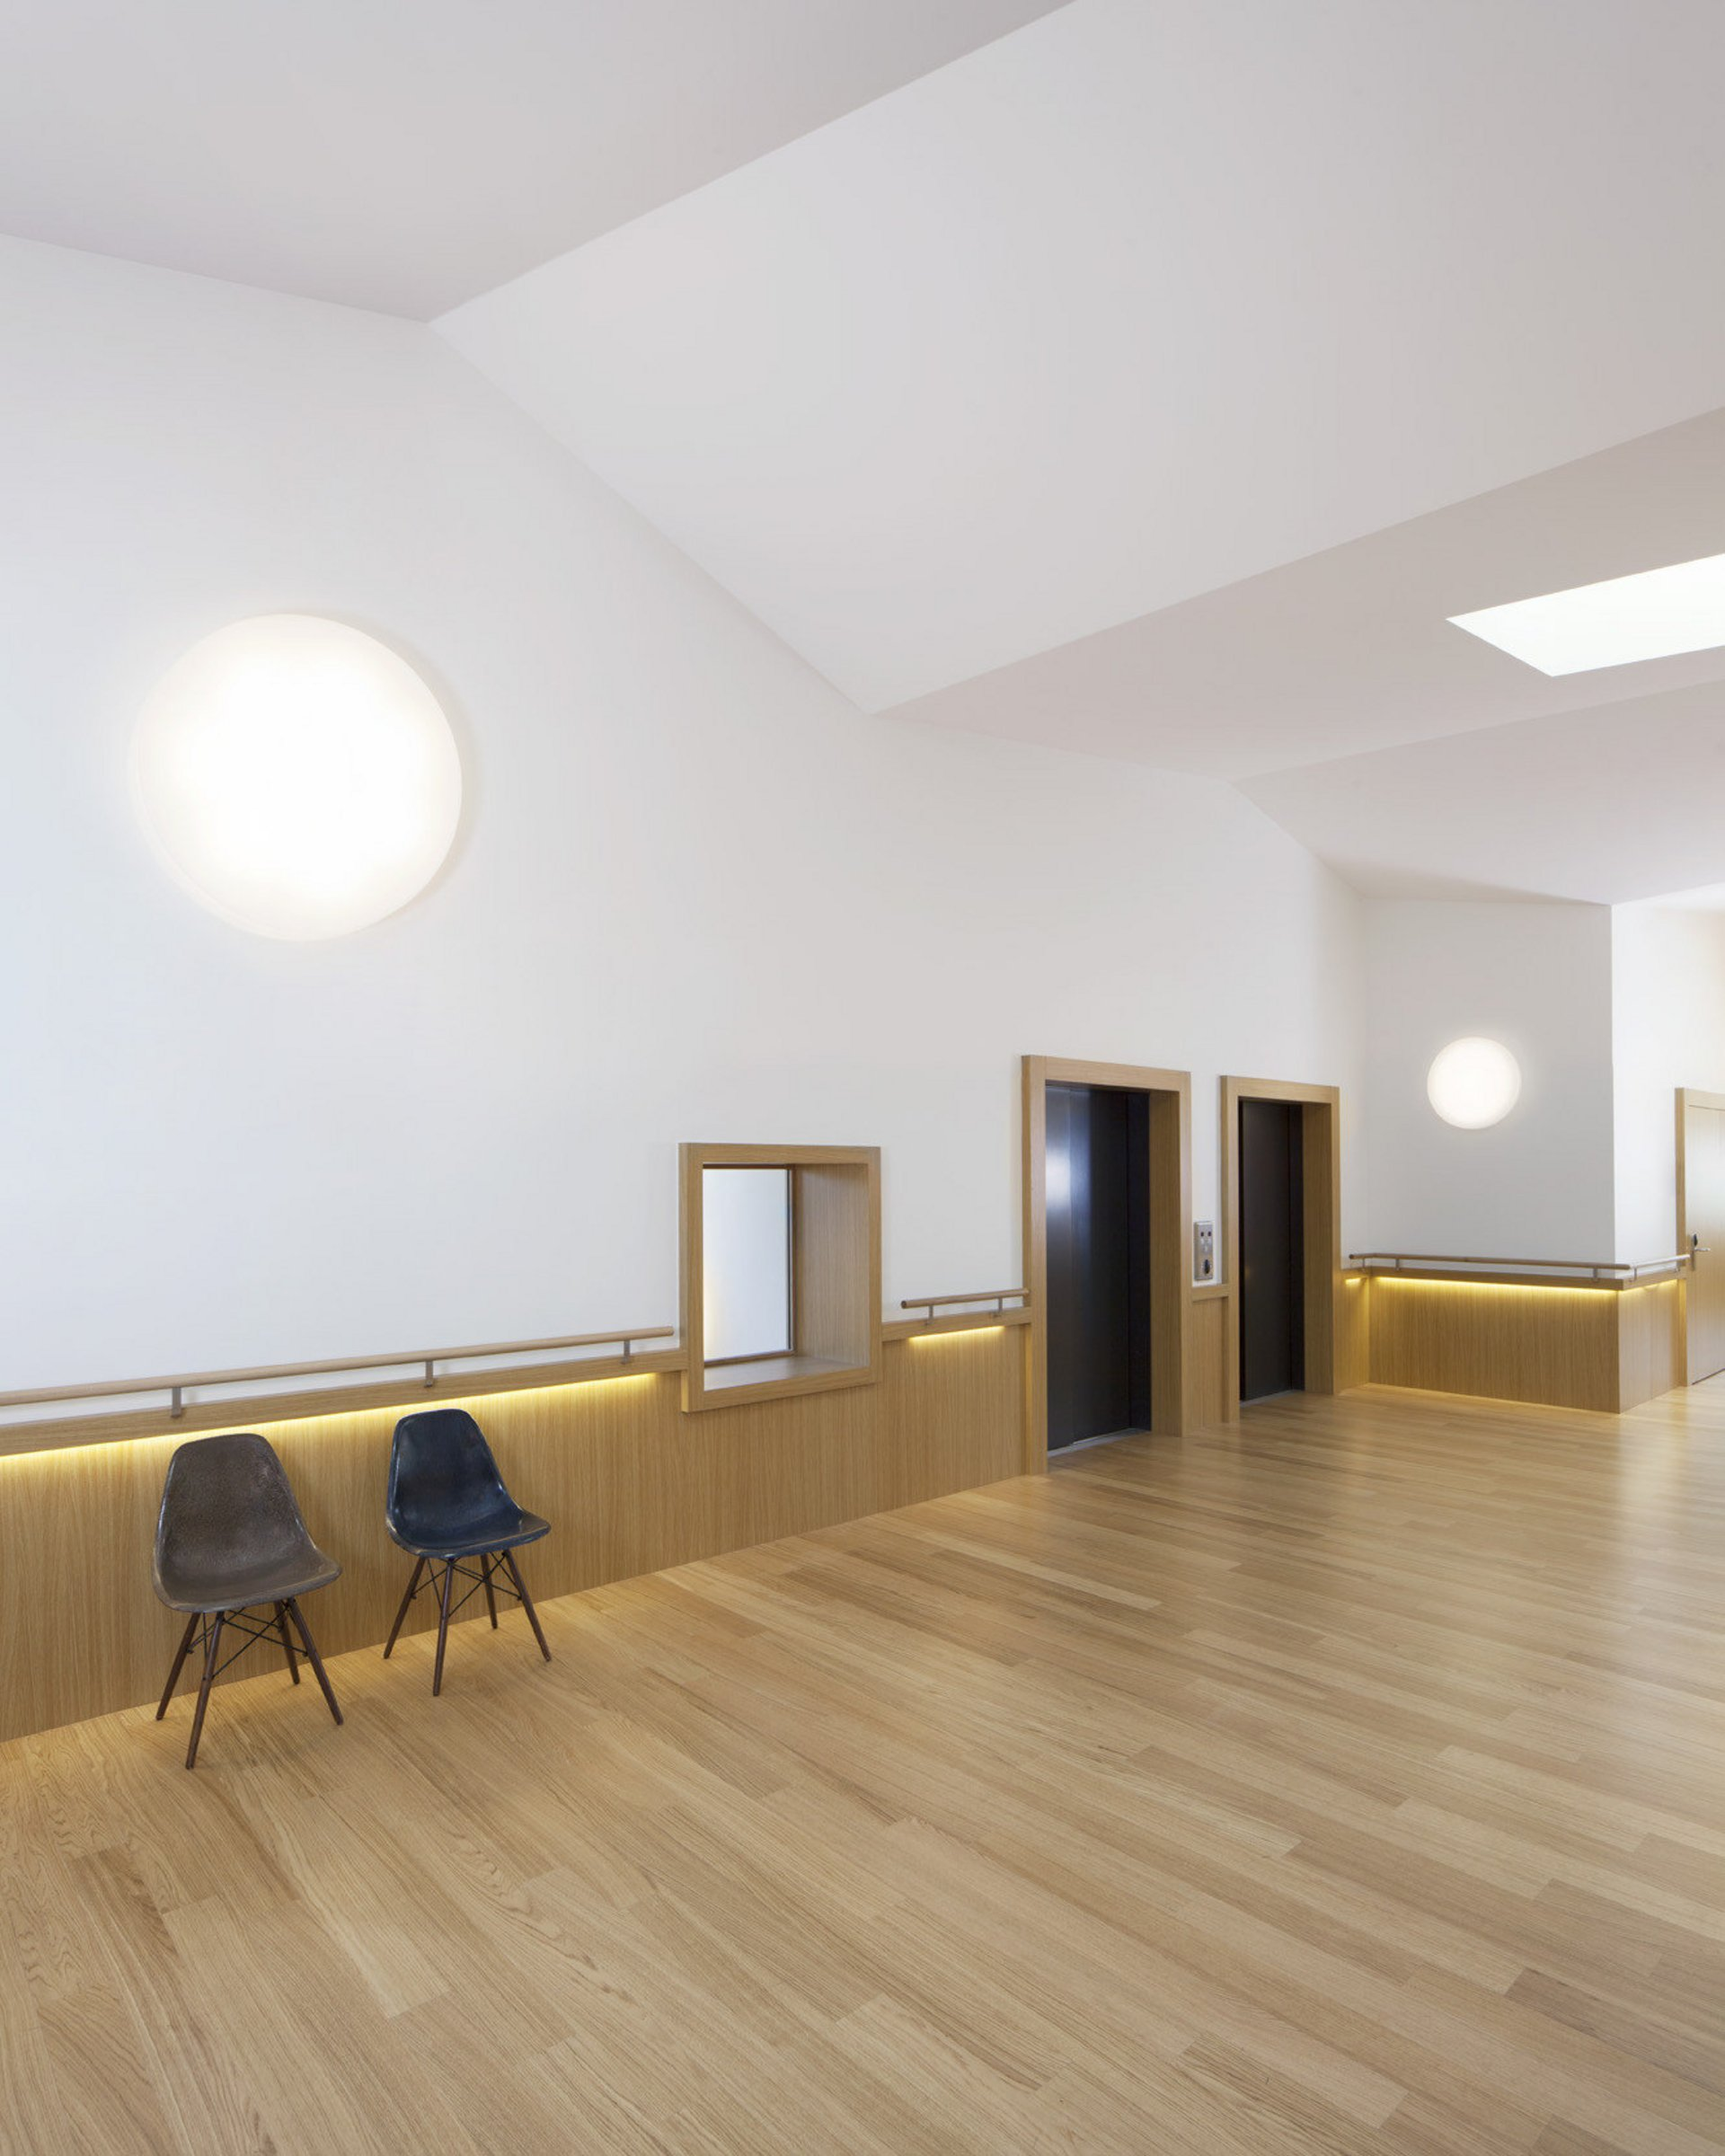 Raum in hellem Design mit 2 Türen und 1 Fenster nebeneinander